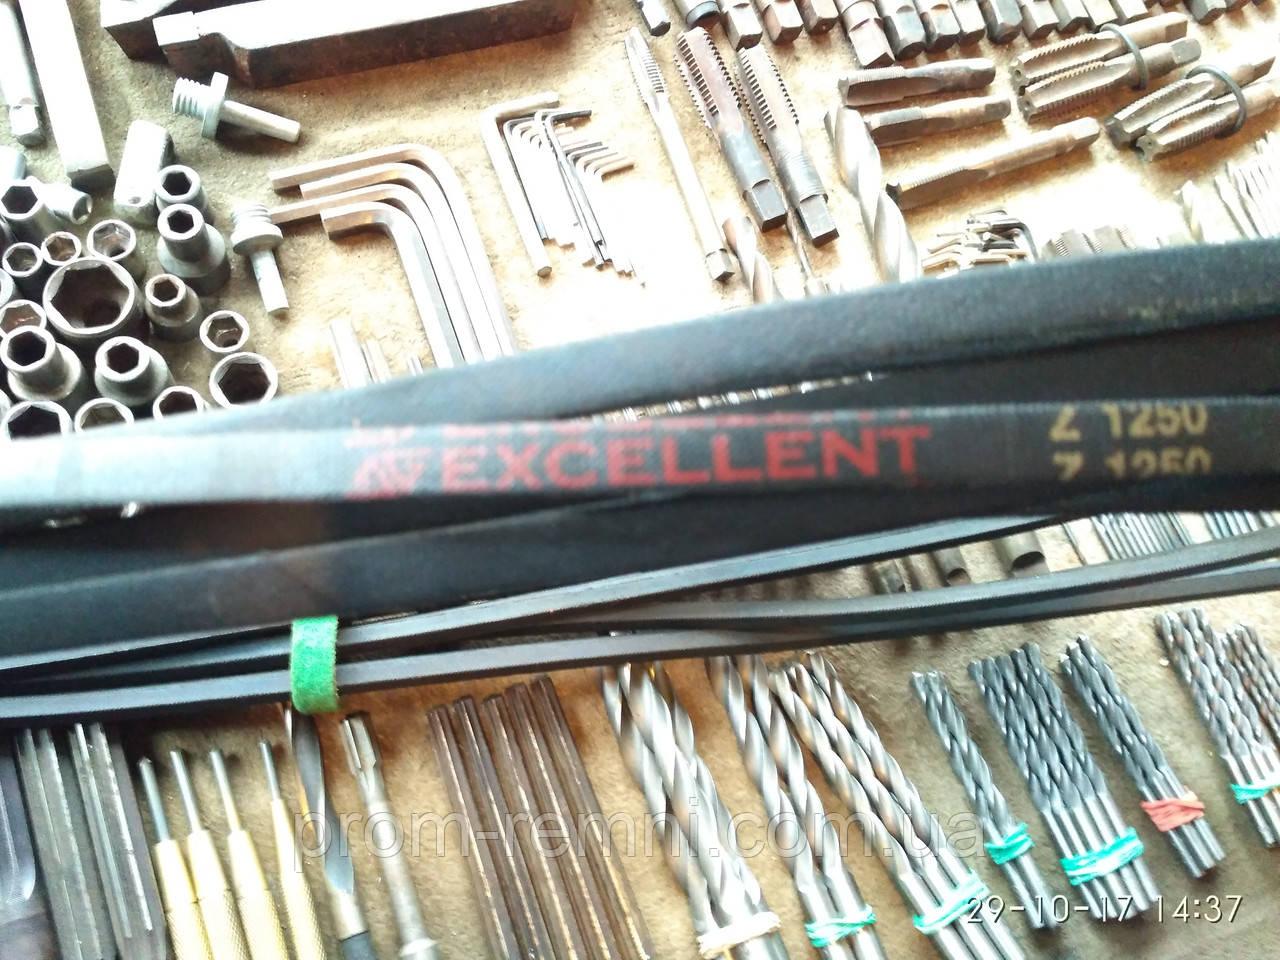 Приводний клиновий ремінь Z(0)-1250 Excellent, 1250 мм